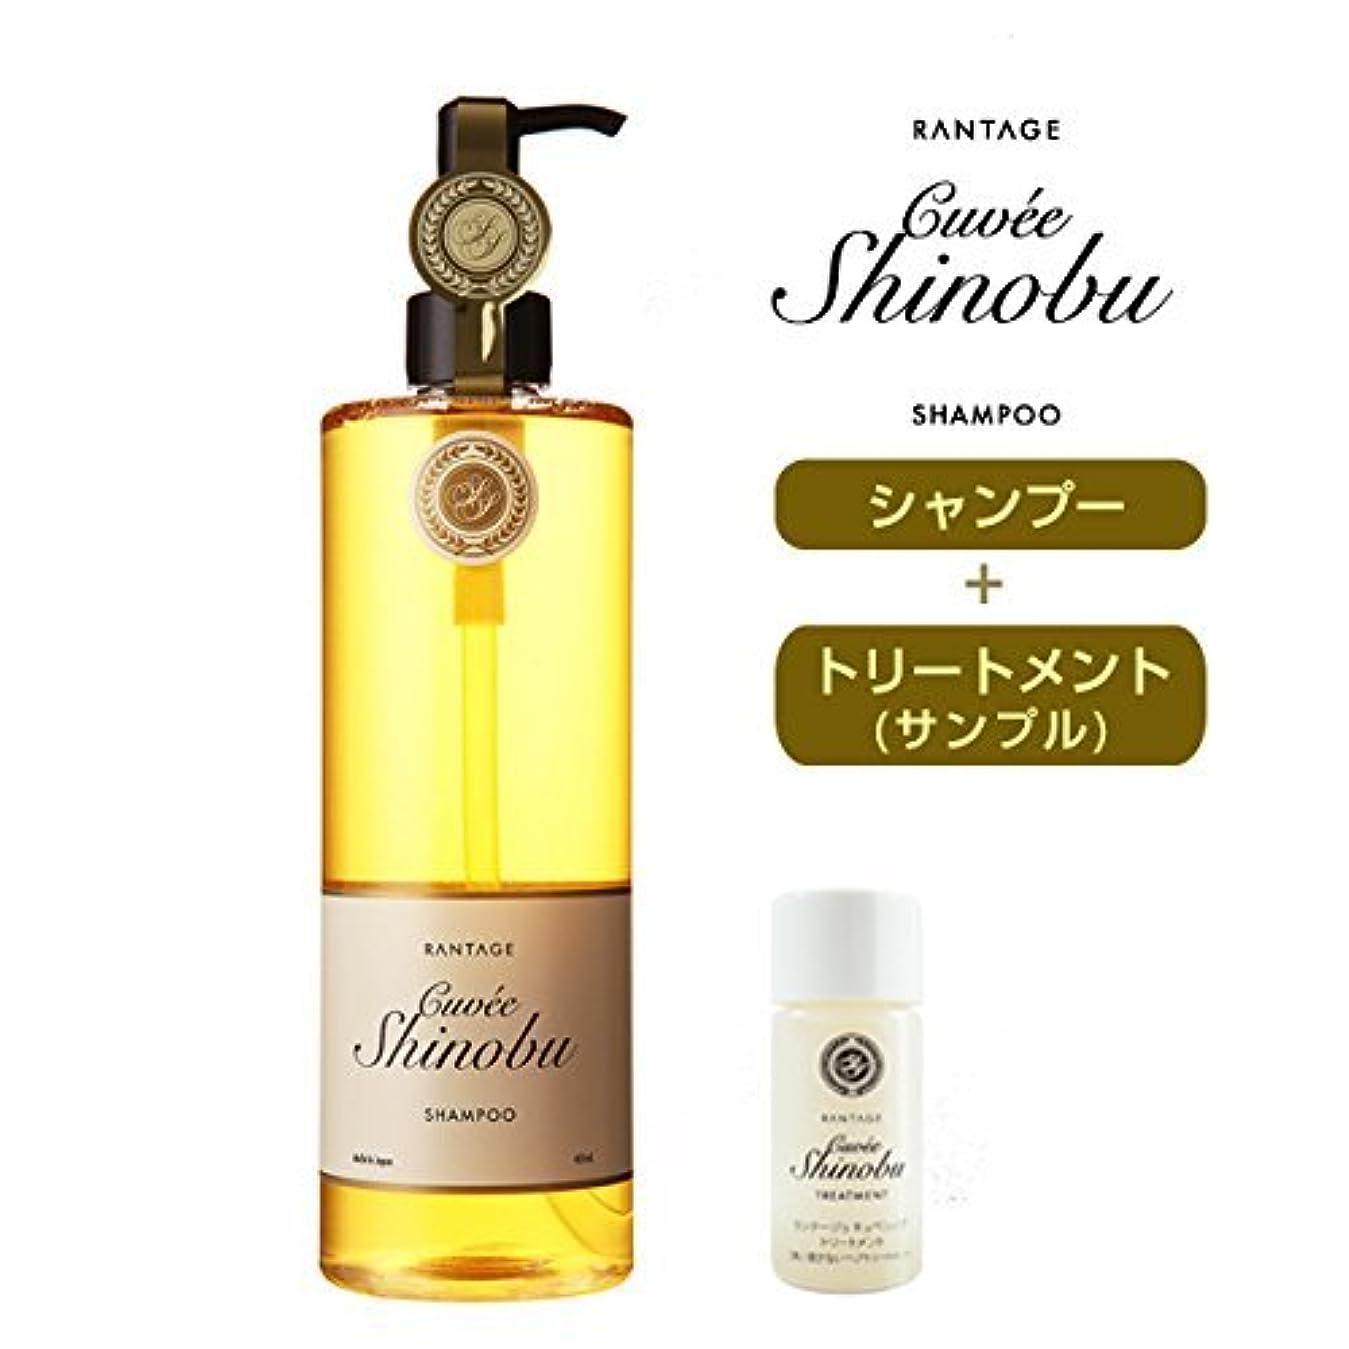 治世変える広げる【美容室専用】ランテージュキュベシノブシャンプー 400ml